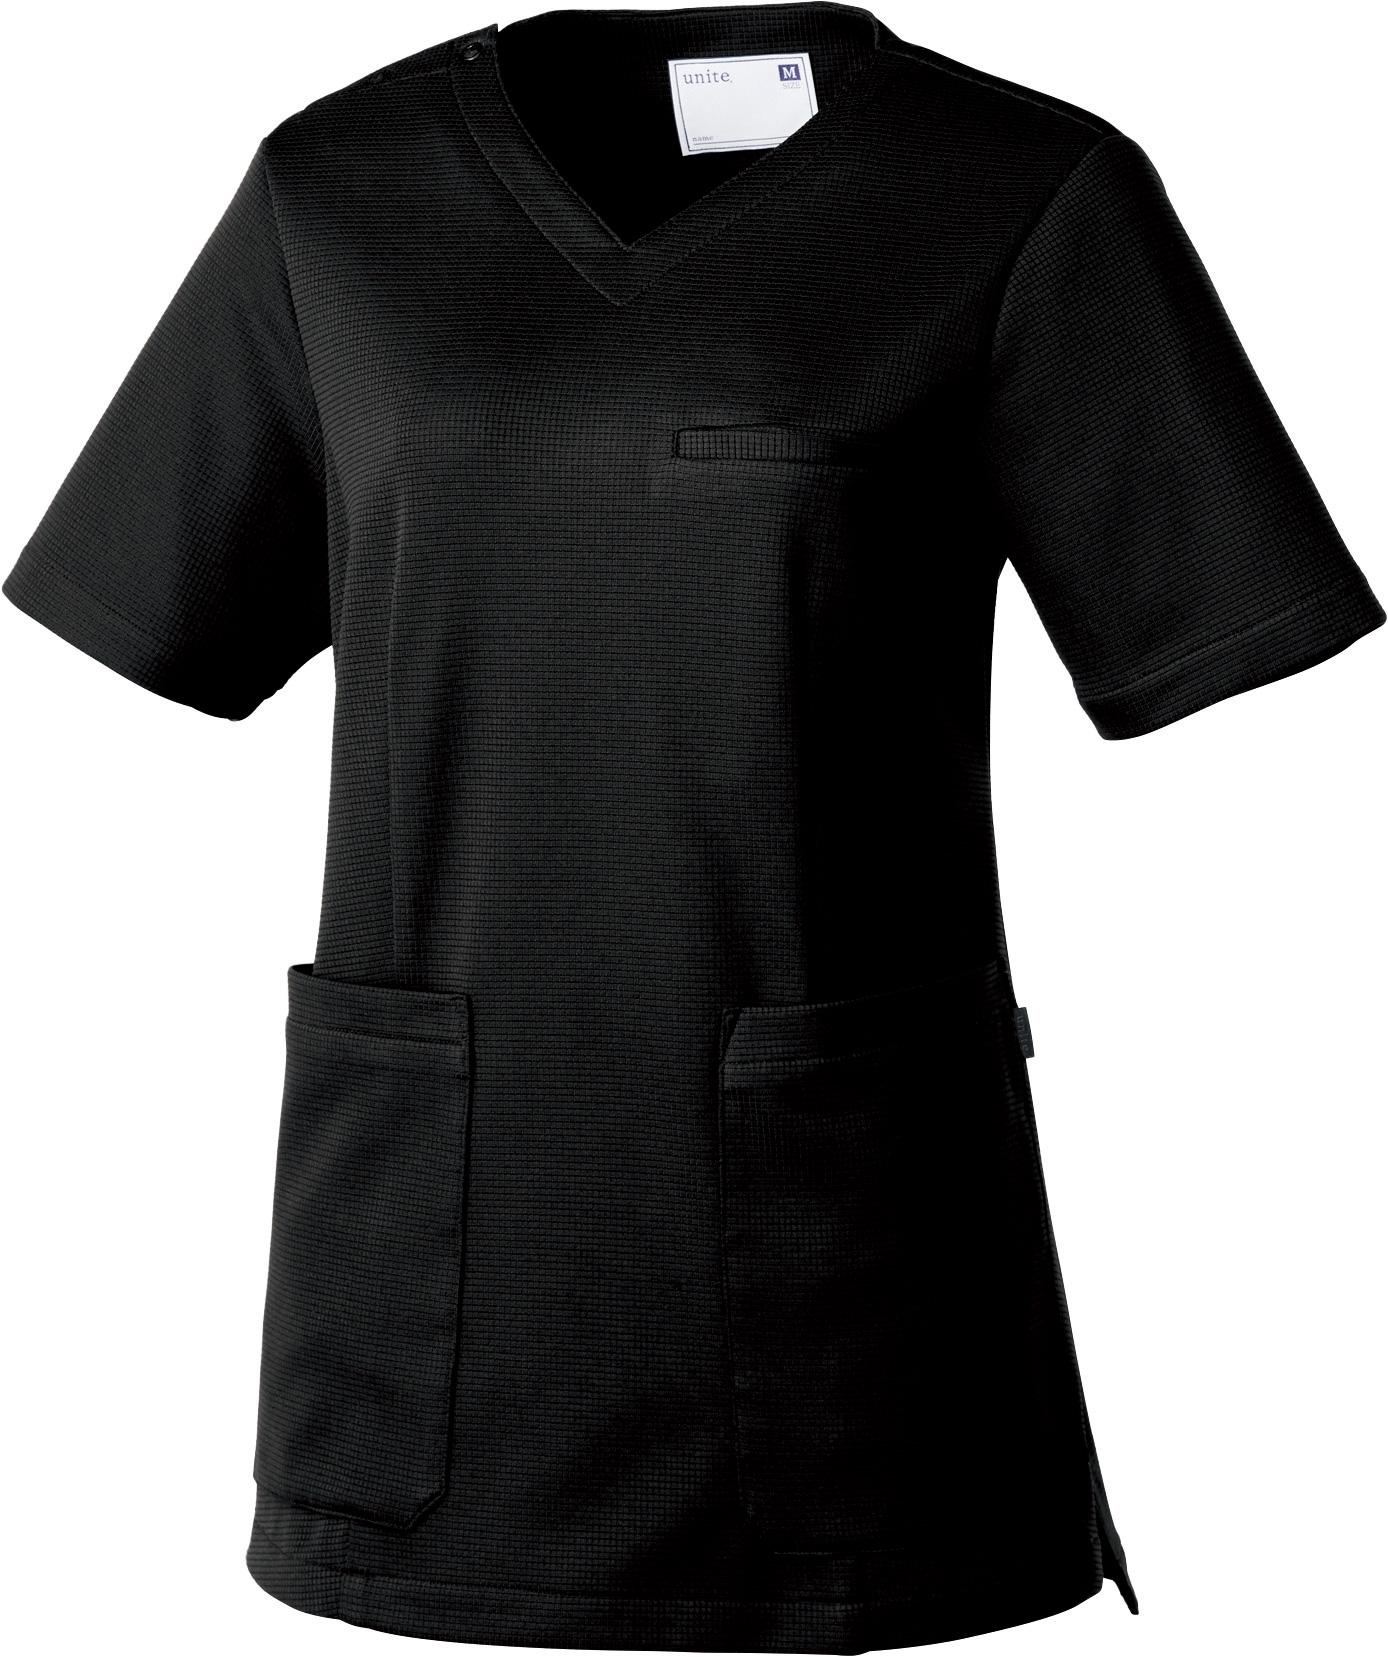 スクラブ[女]販売。刺繍、プリント加工対応します。研修医、医療チームウェアに人気